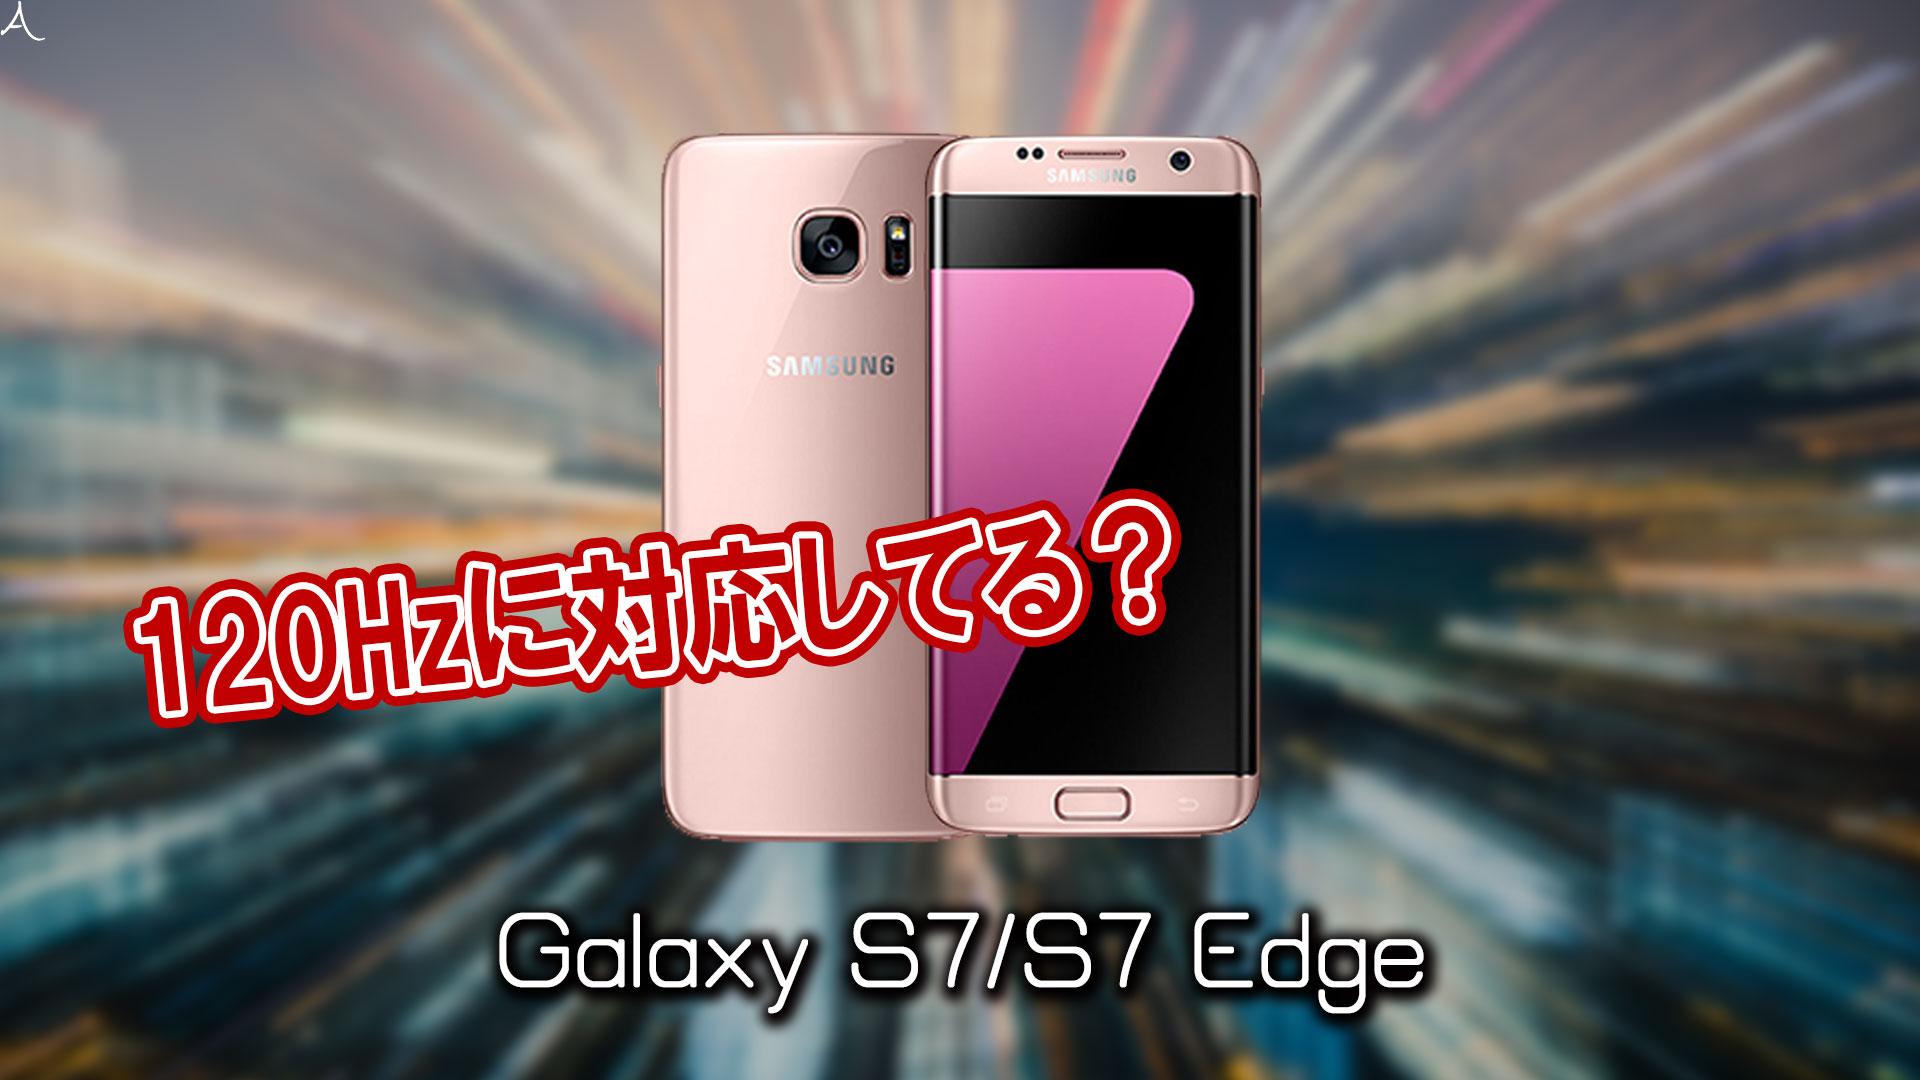 「Galaxy S7/S7 Edge」のリフレッシュレートはいくつ?120Hzには対応してる?